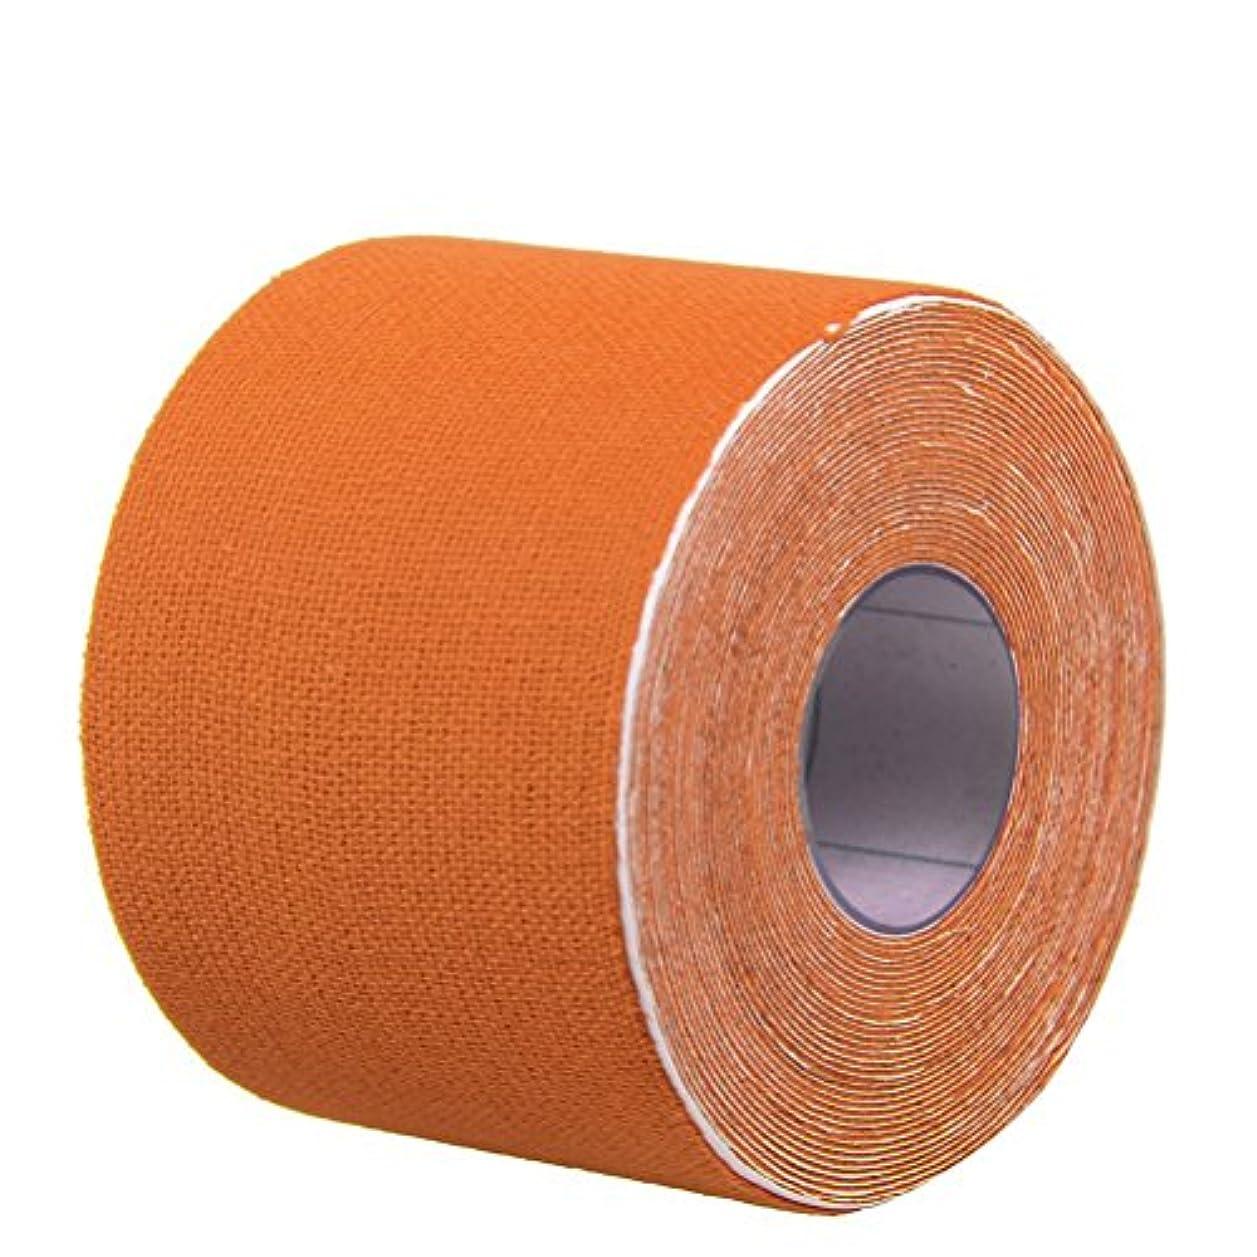 シュリンクフロント歴史的ROSENICE キネシオロジーテープセットセラピースポーツフィジオセラピー500x2.5cm(オレンジ)